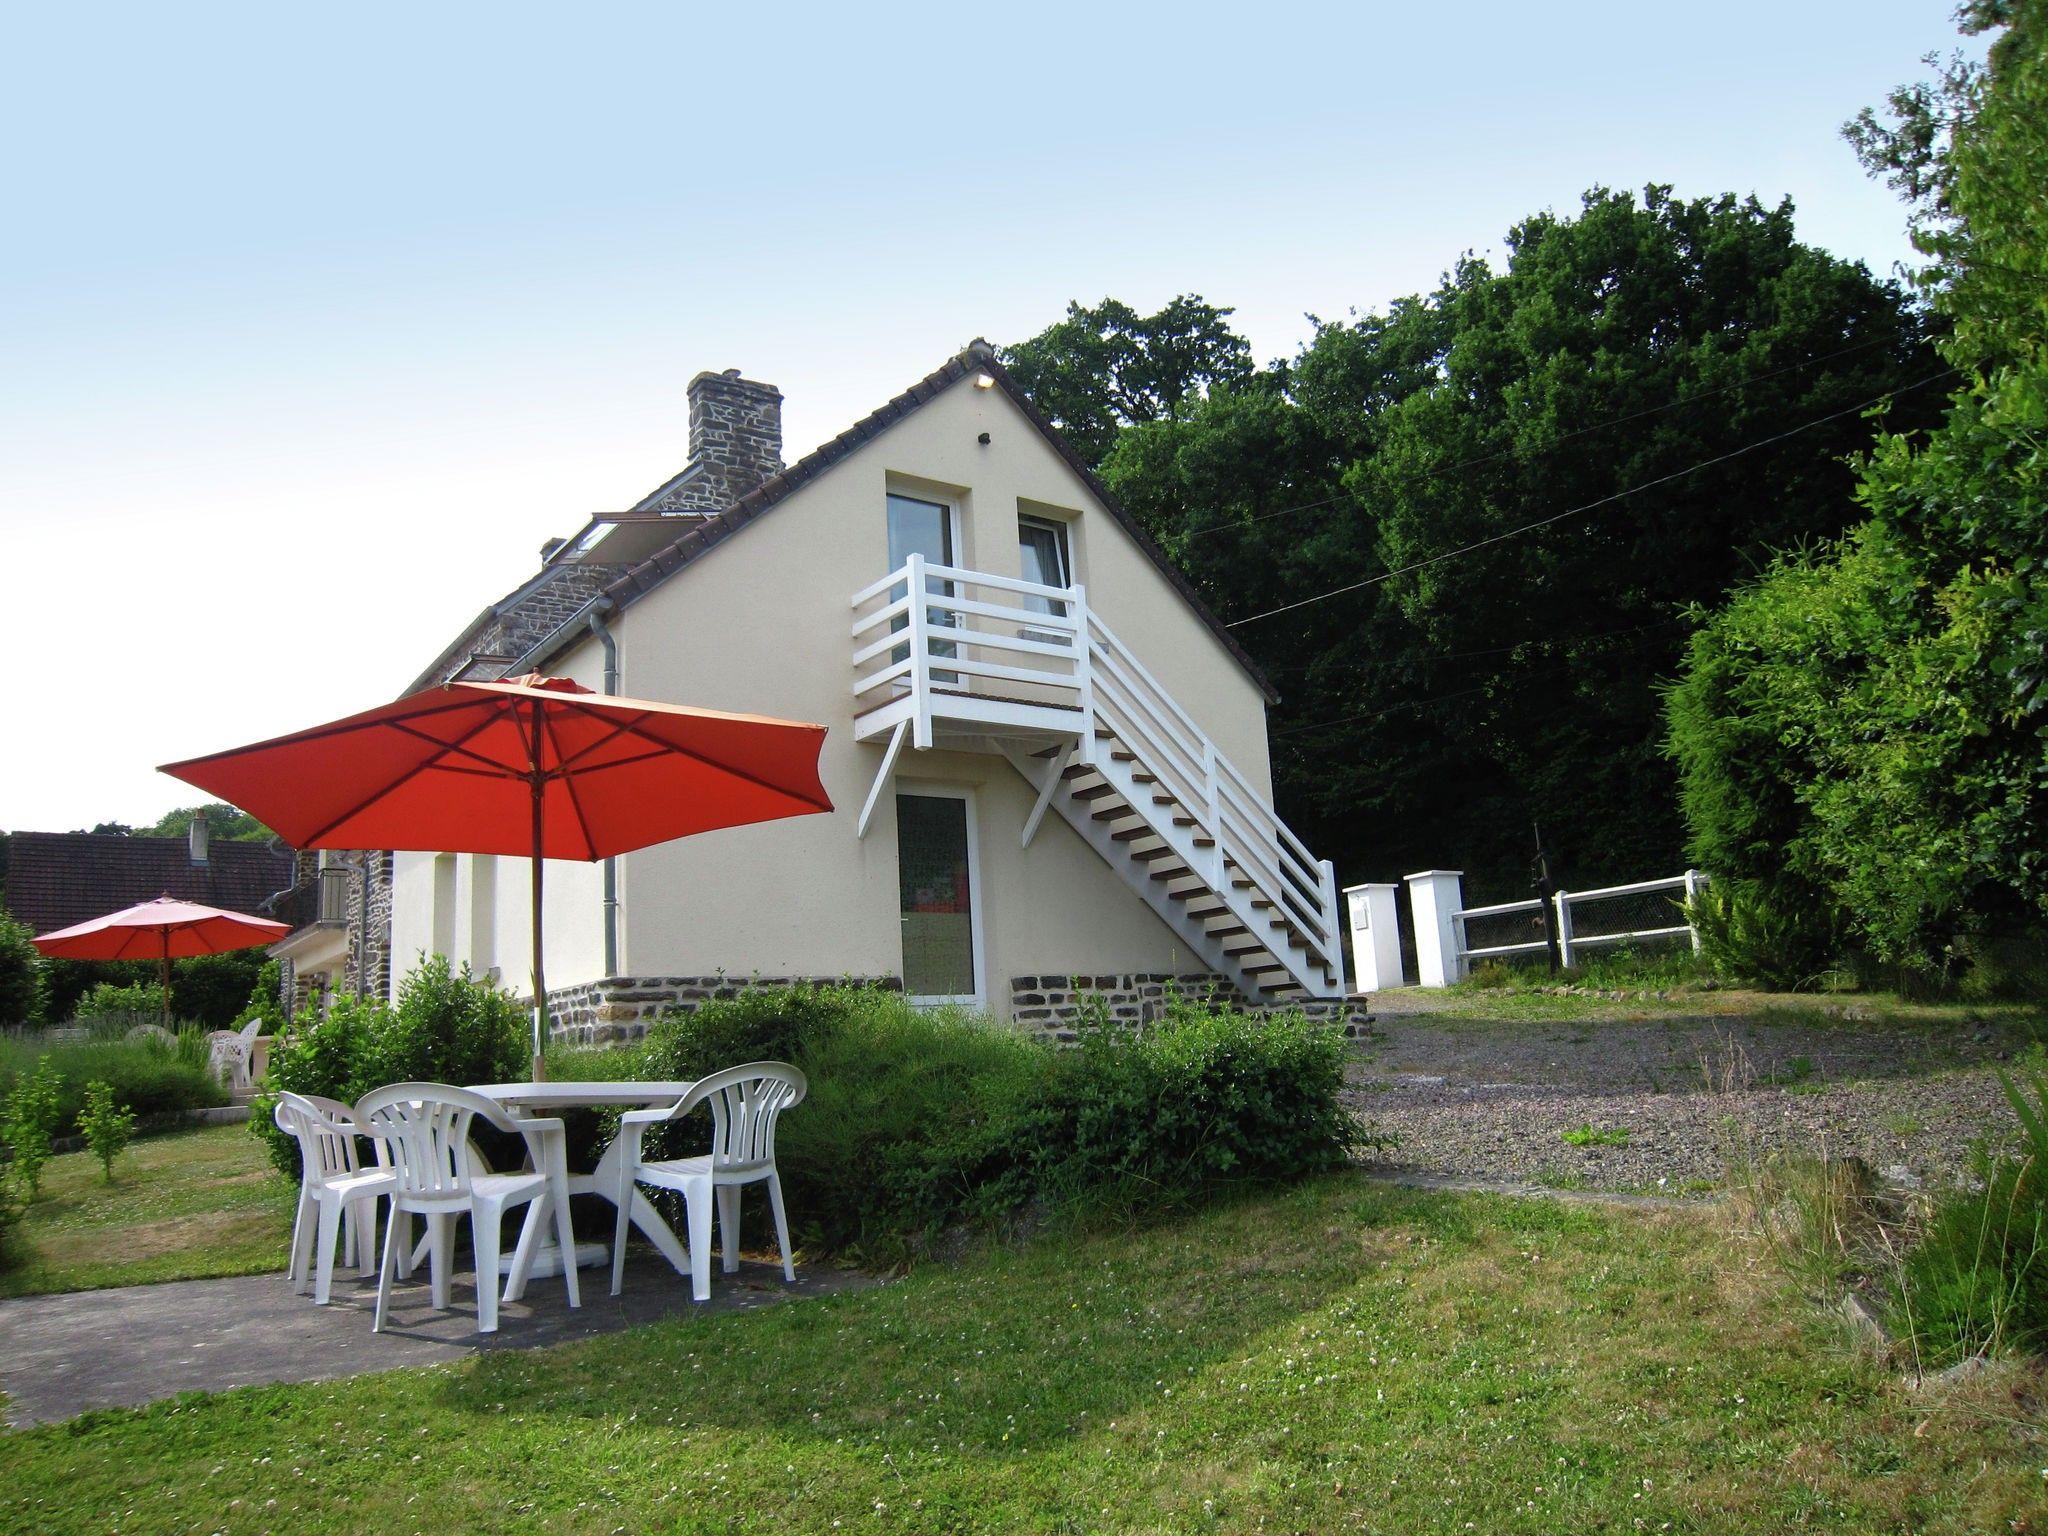 Apartamento equipado en Lower normandy, calvados